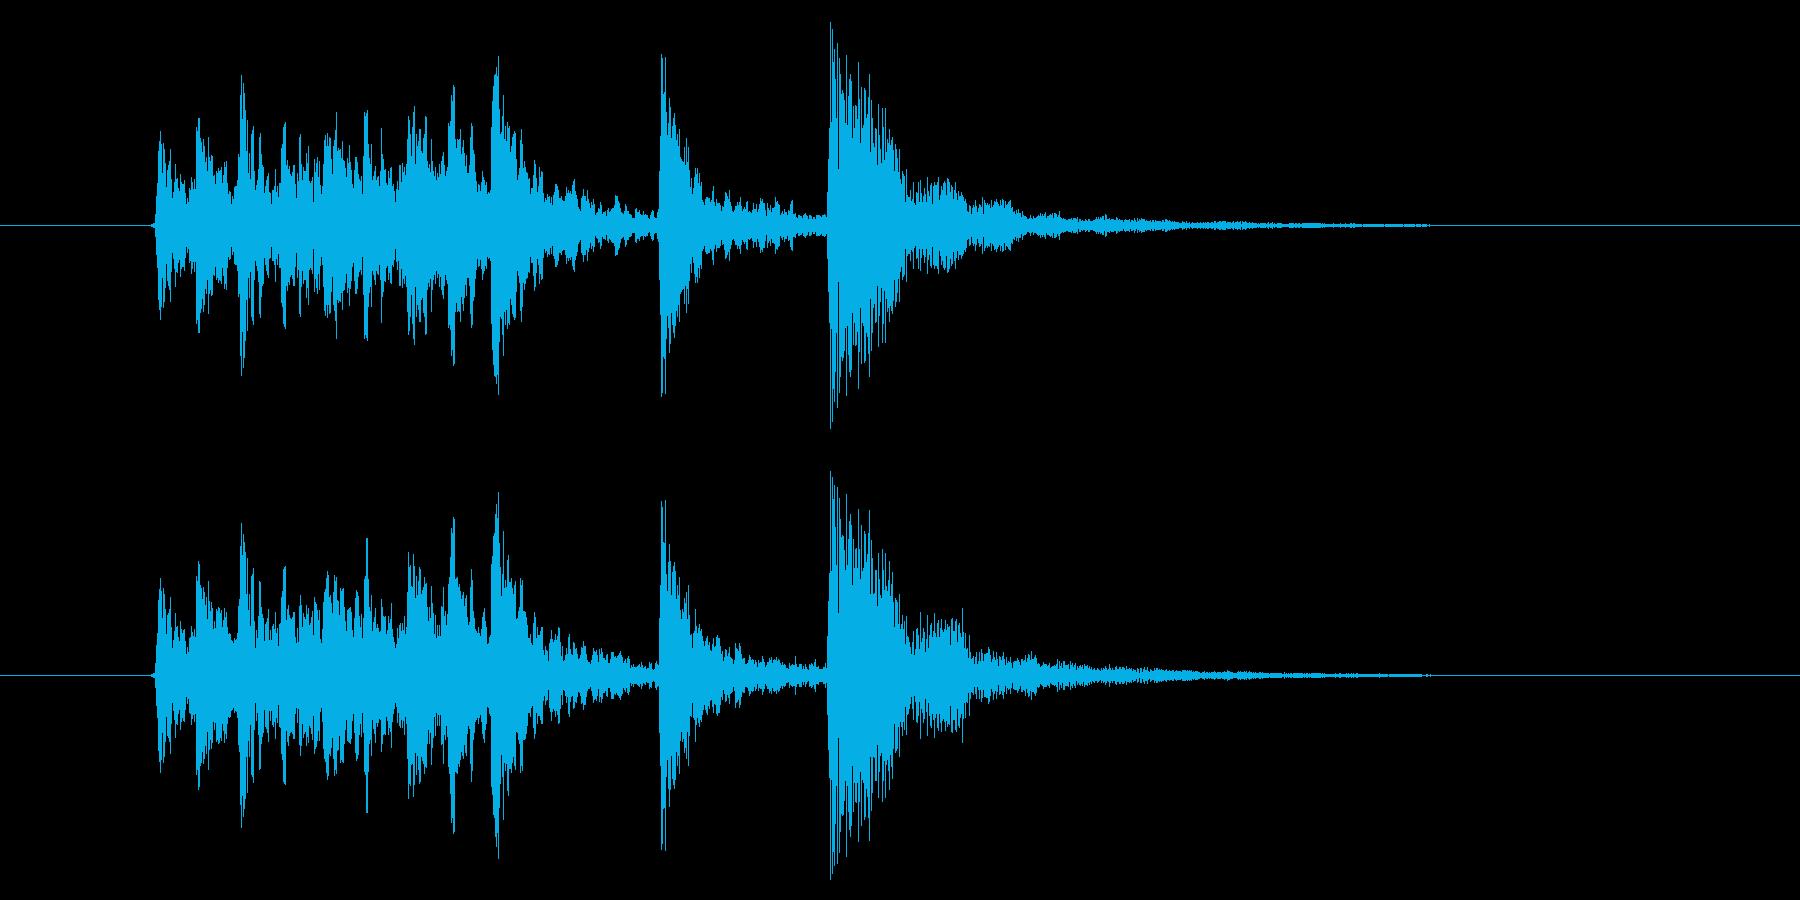 爽やかな木琴サウンド(ジングル、転換)の再生済みの波形